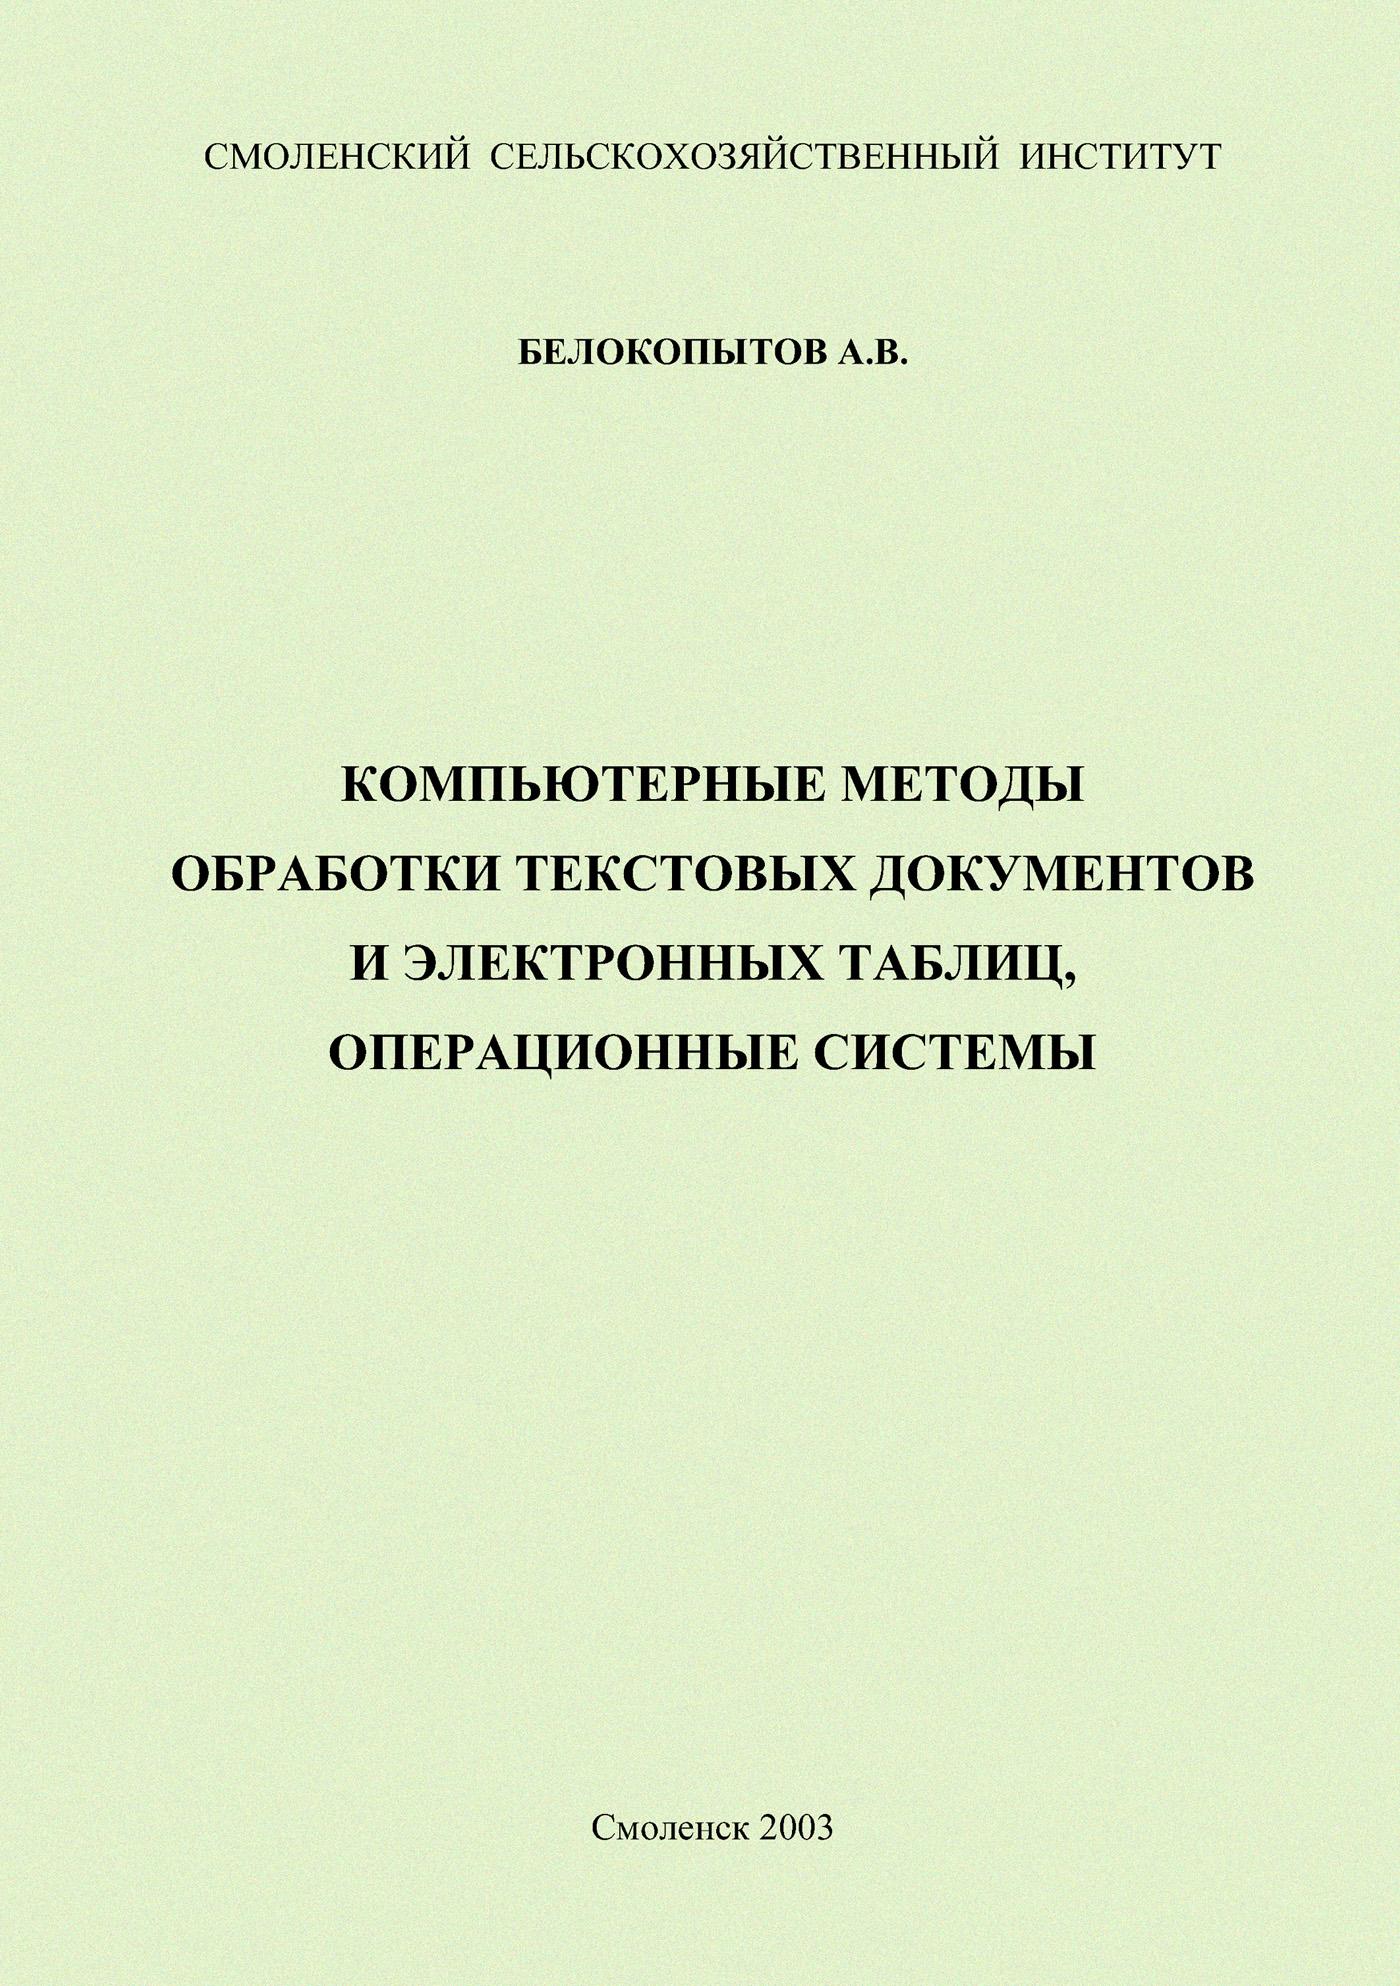 Алексей Белокопытов «Компьютерные методы обработки текстовых документов и электронных таблиц, операционные системы»